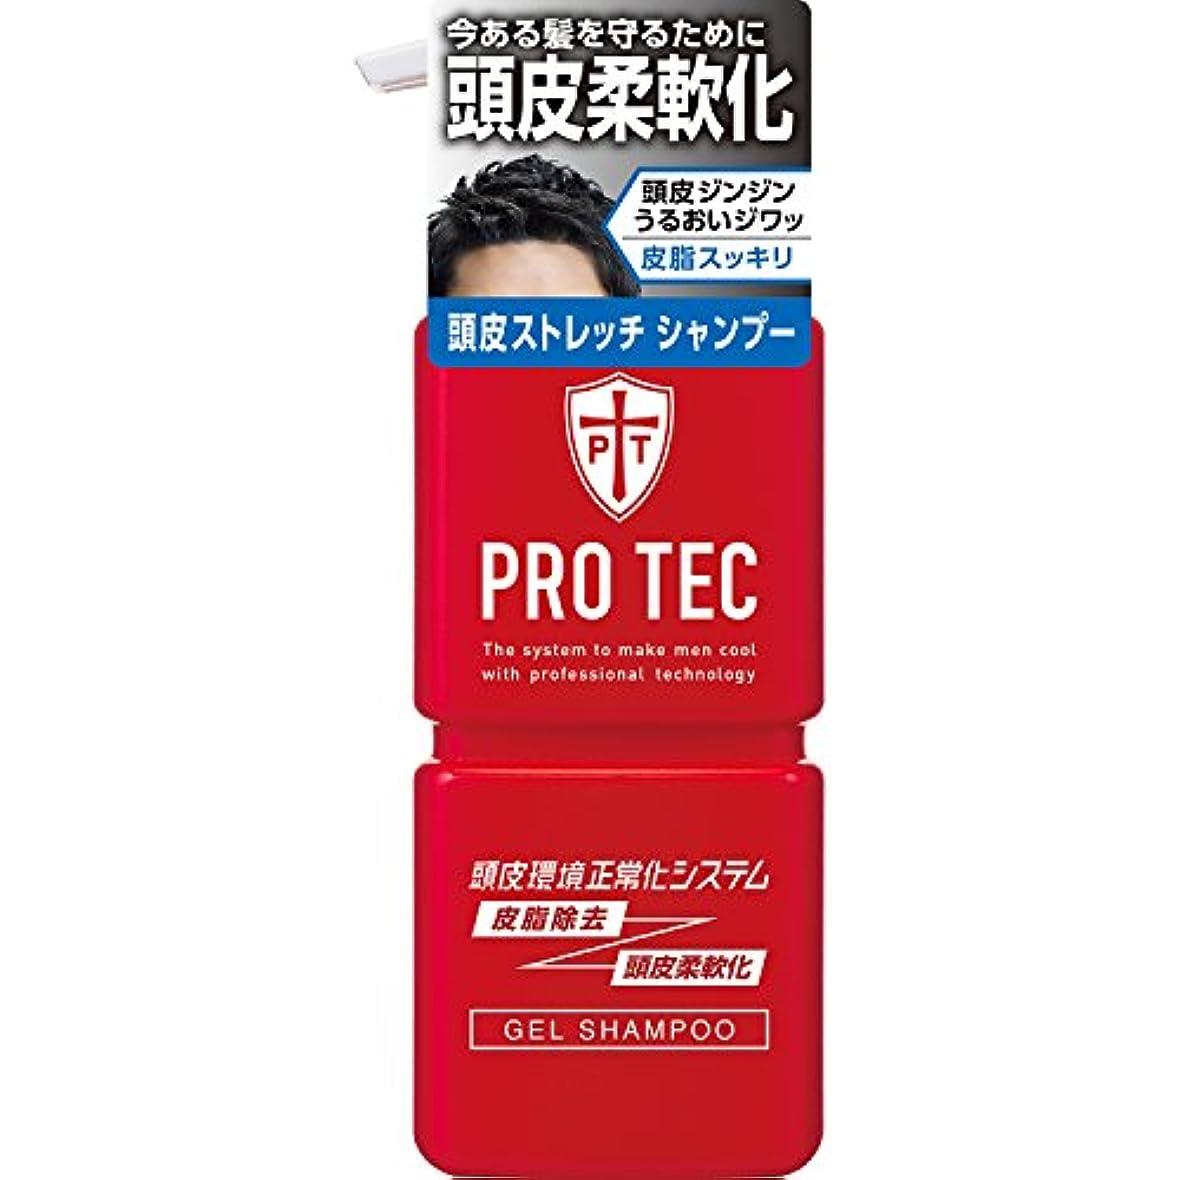 ジャーナリストレイアひそかにPRO TEC(プロテク) 頭皮ストレッチ シャンプー 本体ポンプ 300g(医薬部外品)